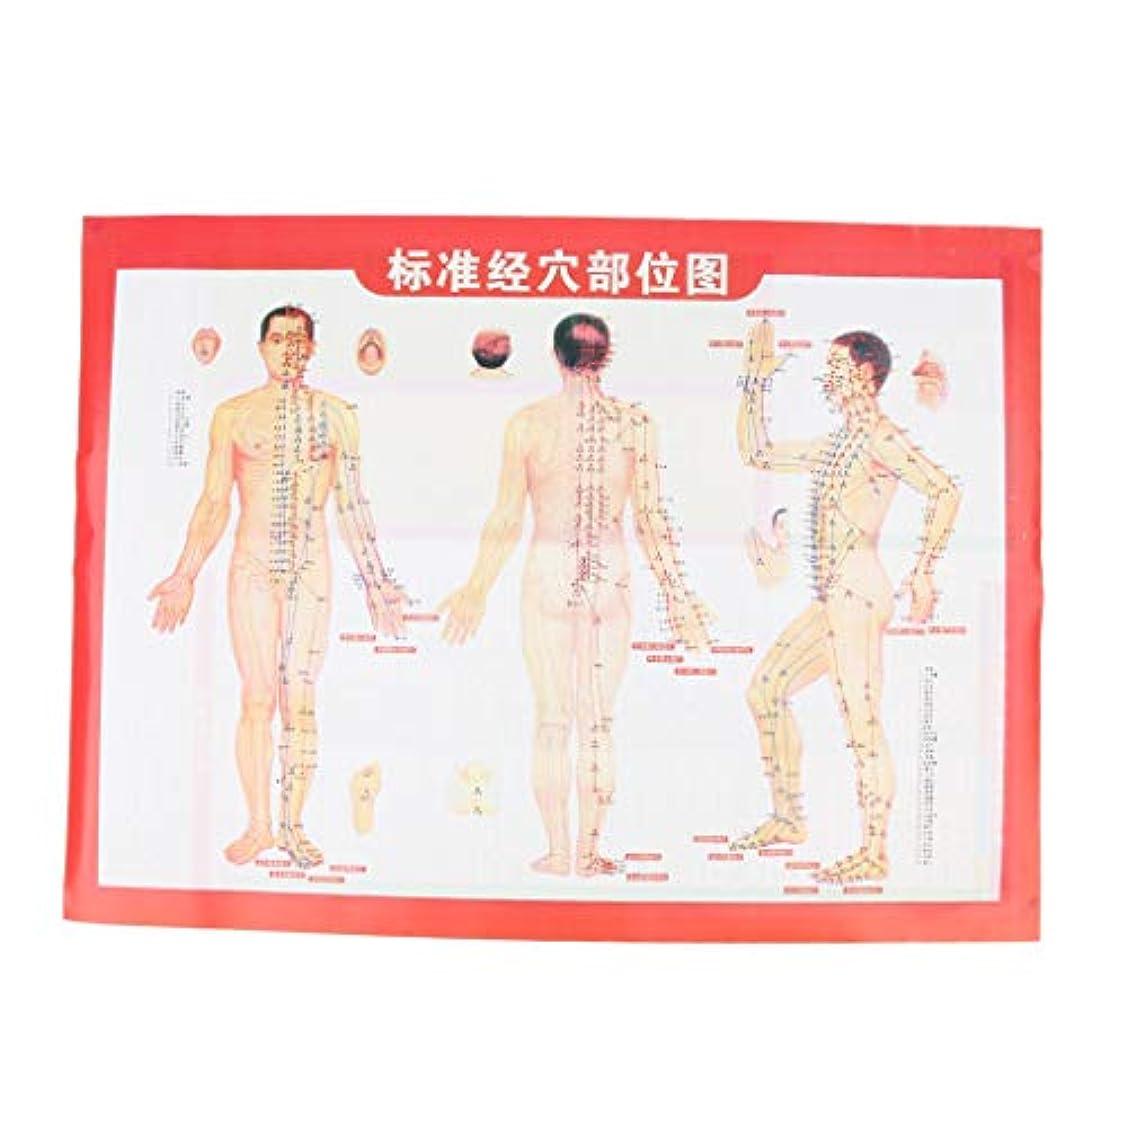 不適切な複合延ばすIPOTCH 鍼灸 経絡 経穴図  ポスター  マッサージ ポイントチャート 約52x39cm